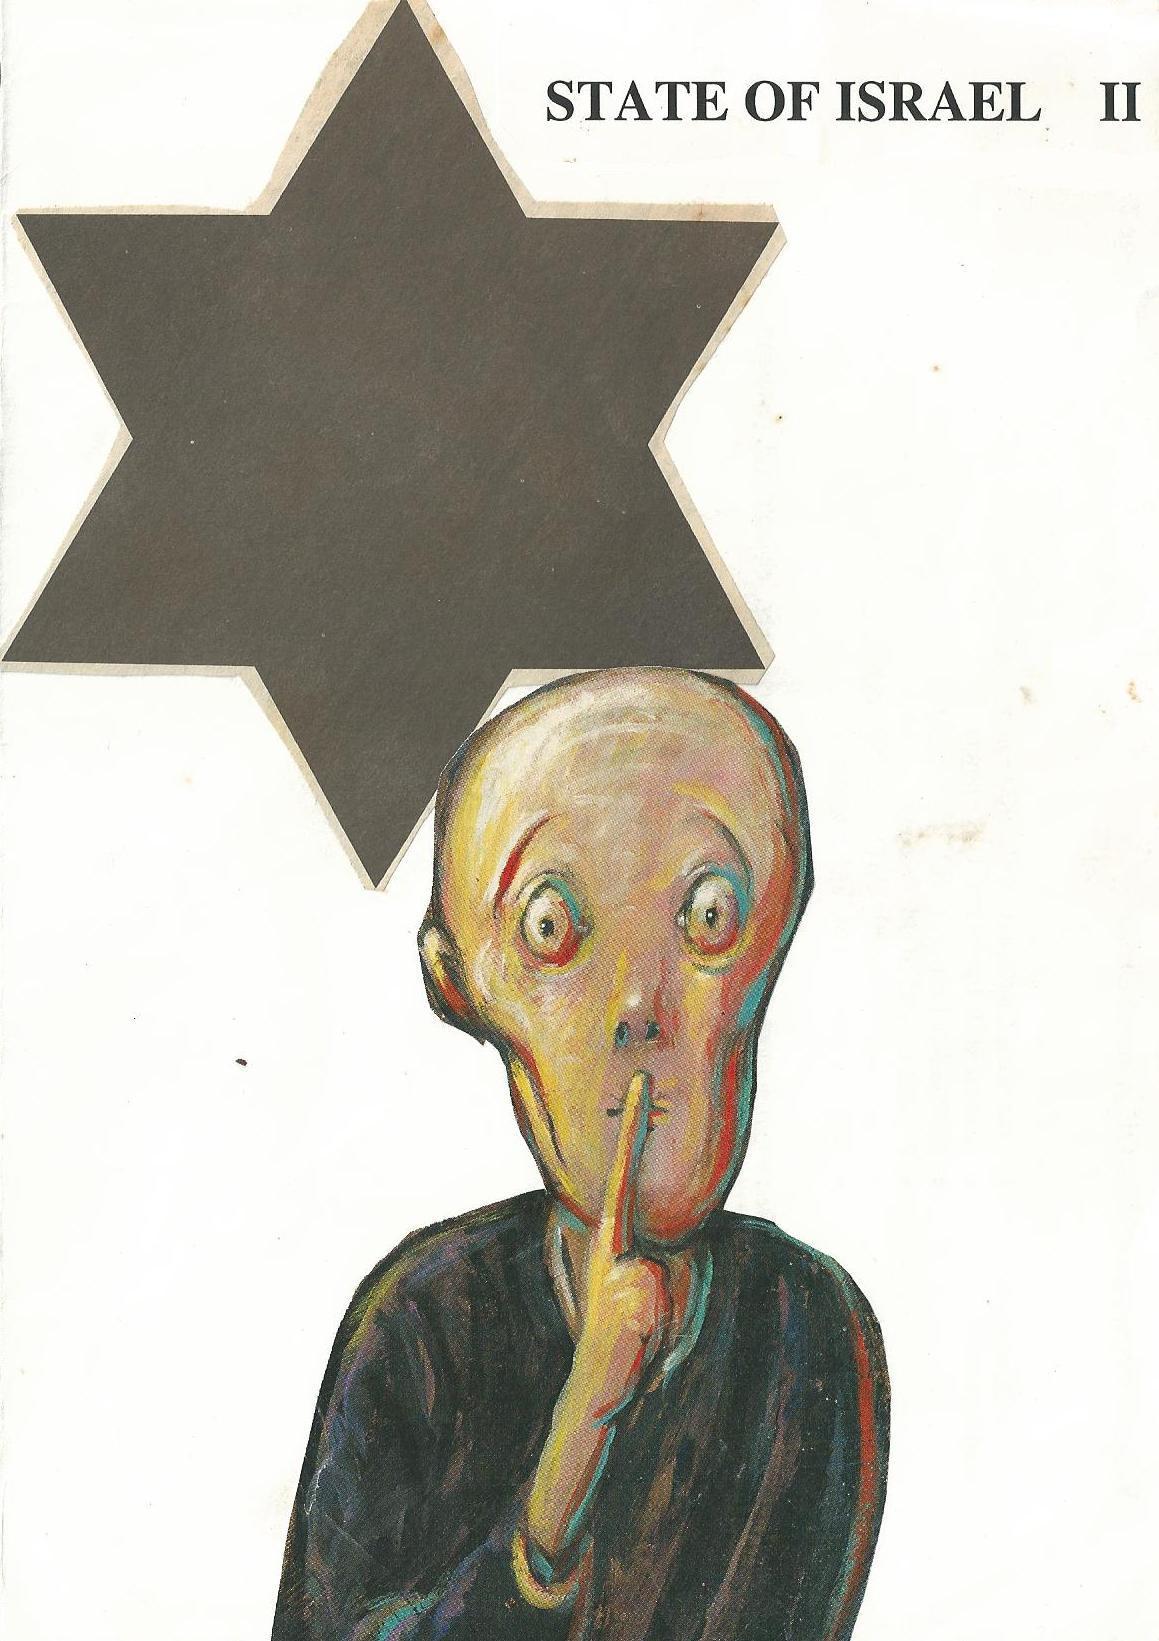 """שער הגיליון הגנוז """"מדינת ישראל 2"""""""